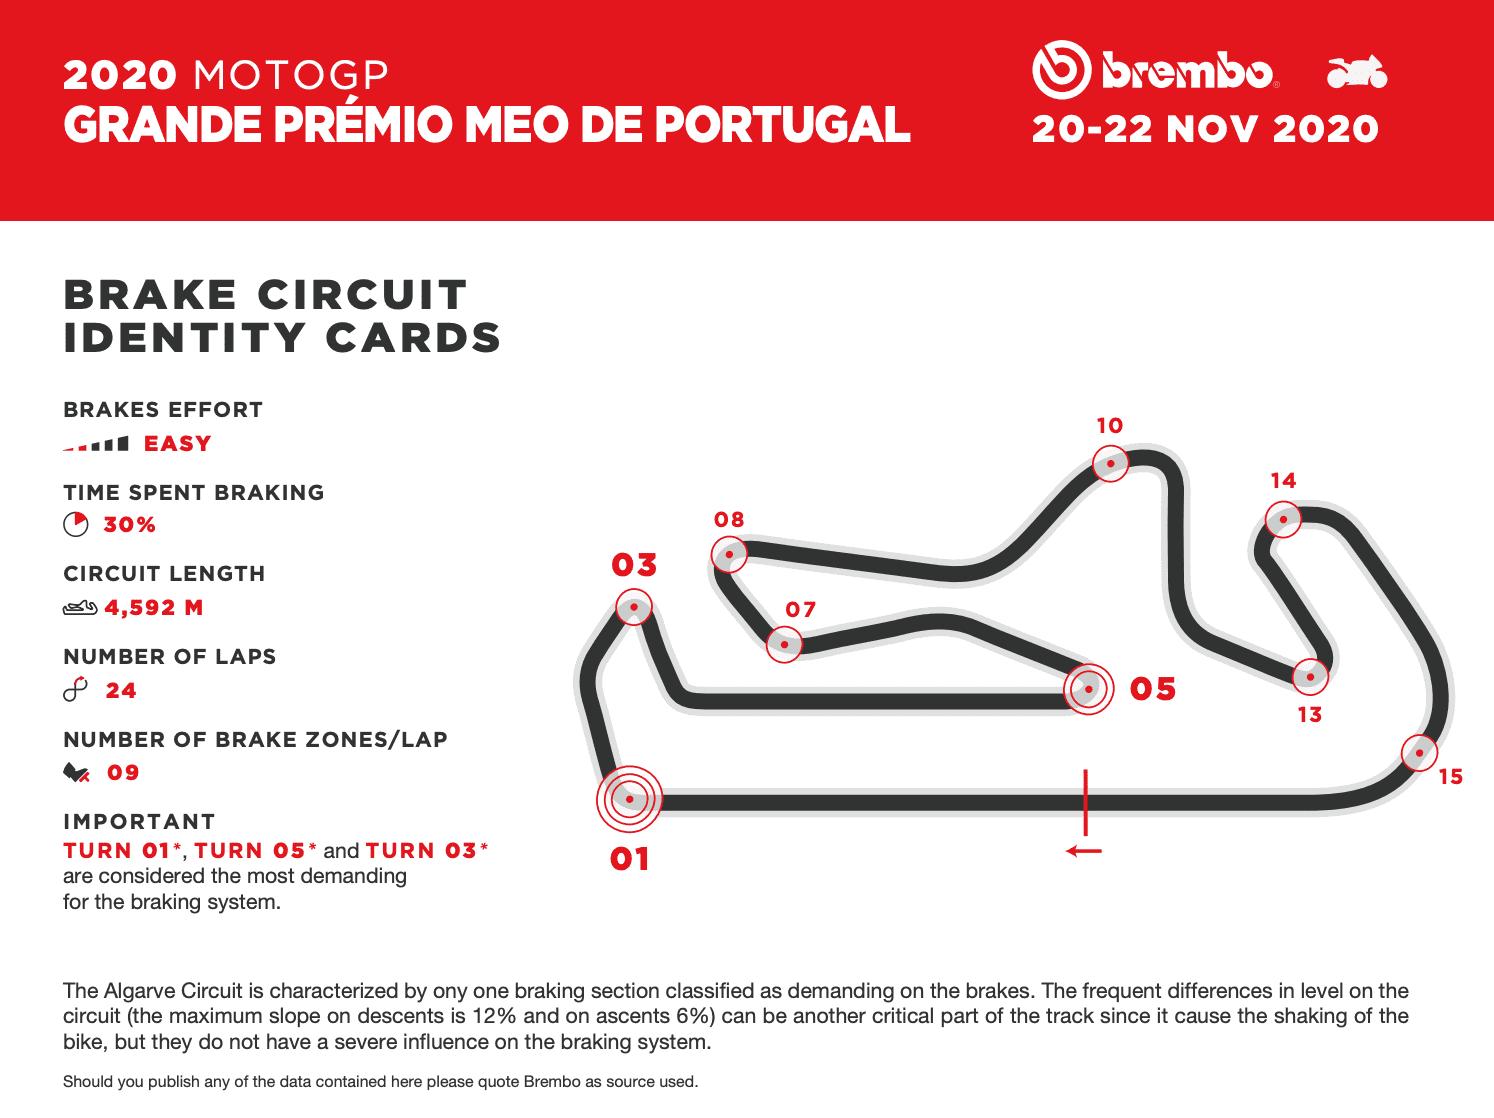 ブレンボが分析する 2020年MotoGPポルトガルグランプリ